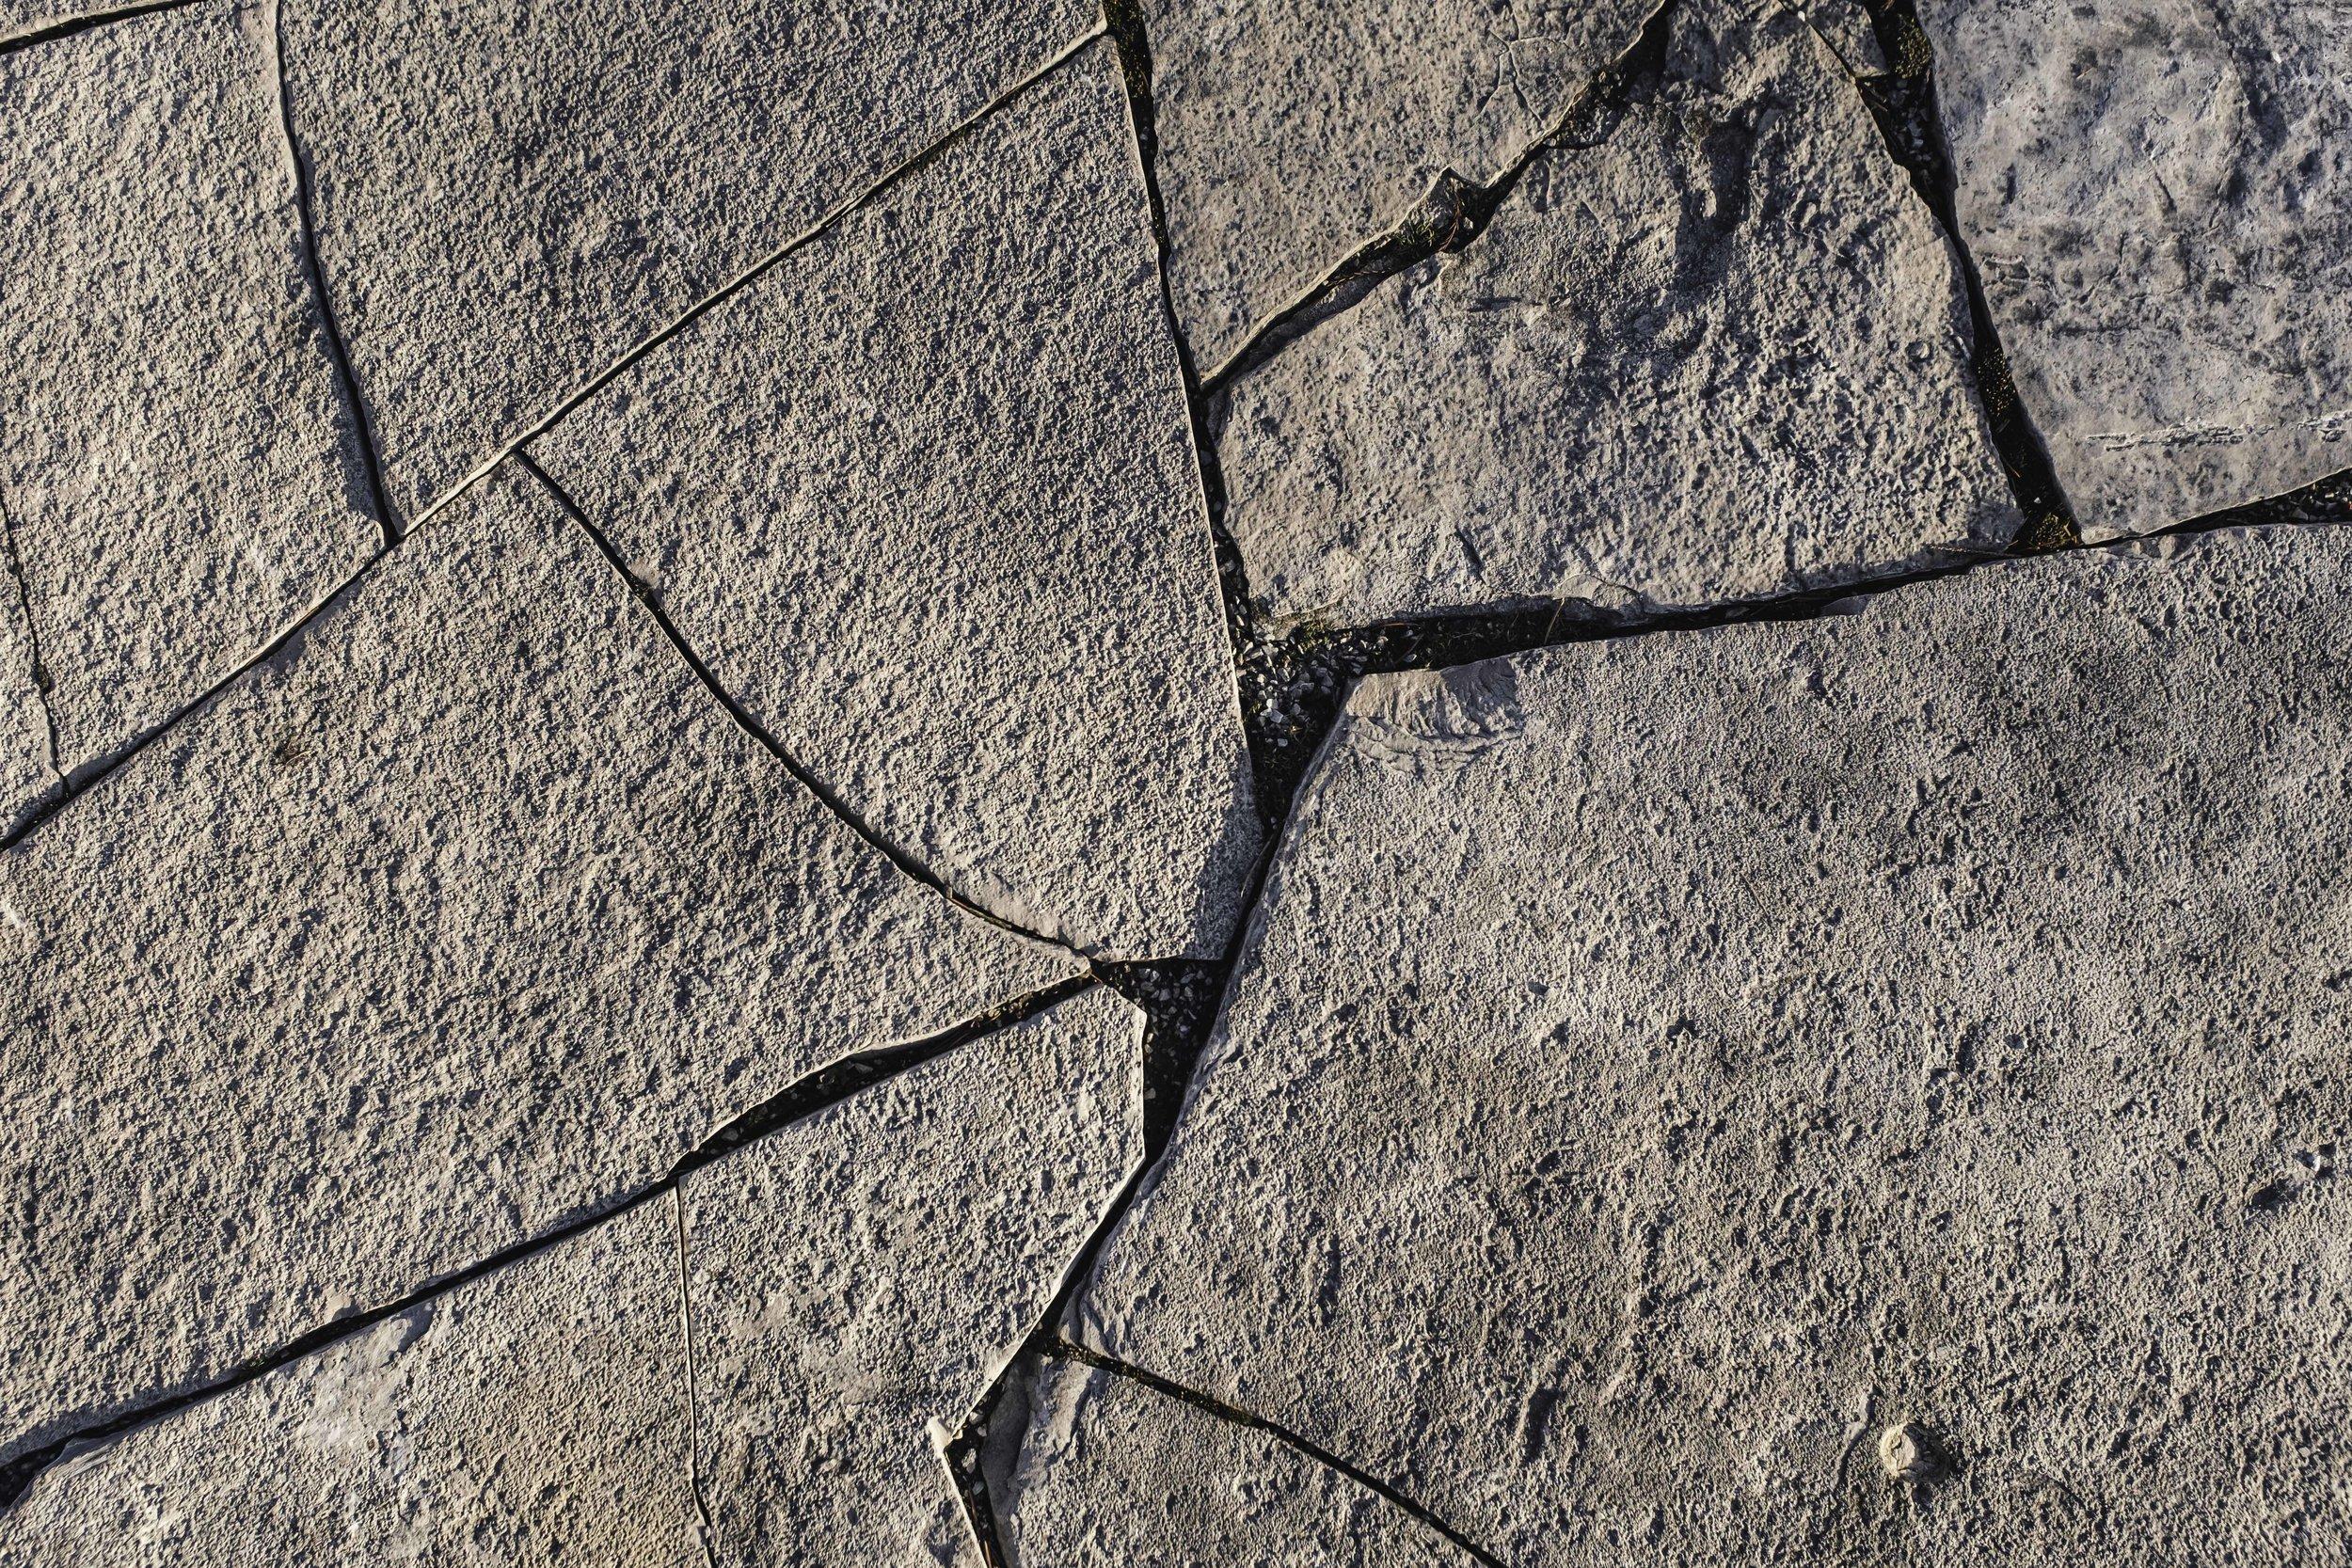 Broken Rocks.jpg